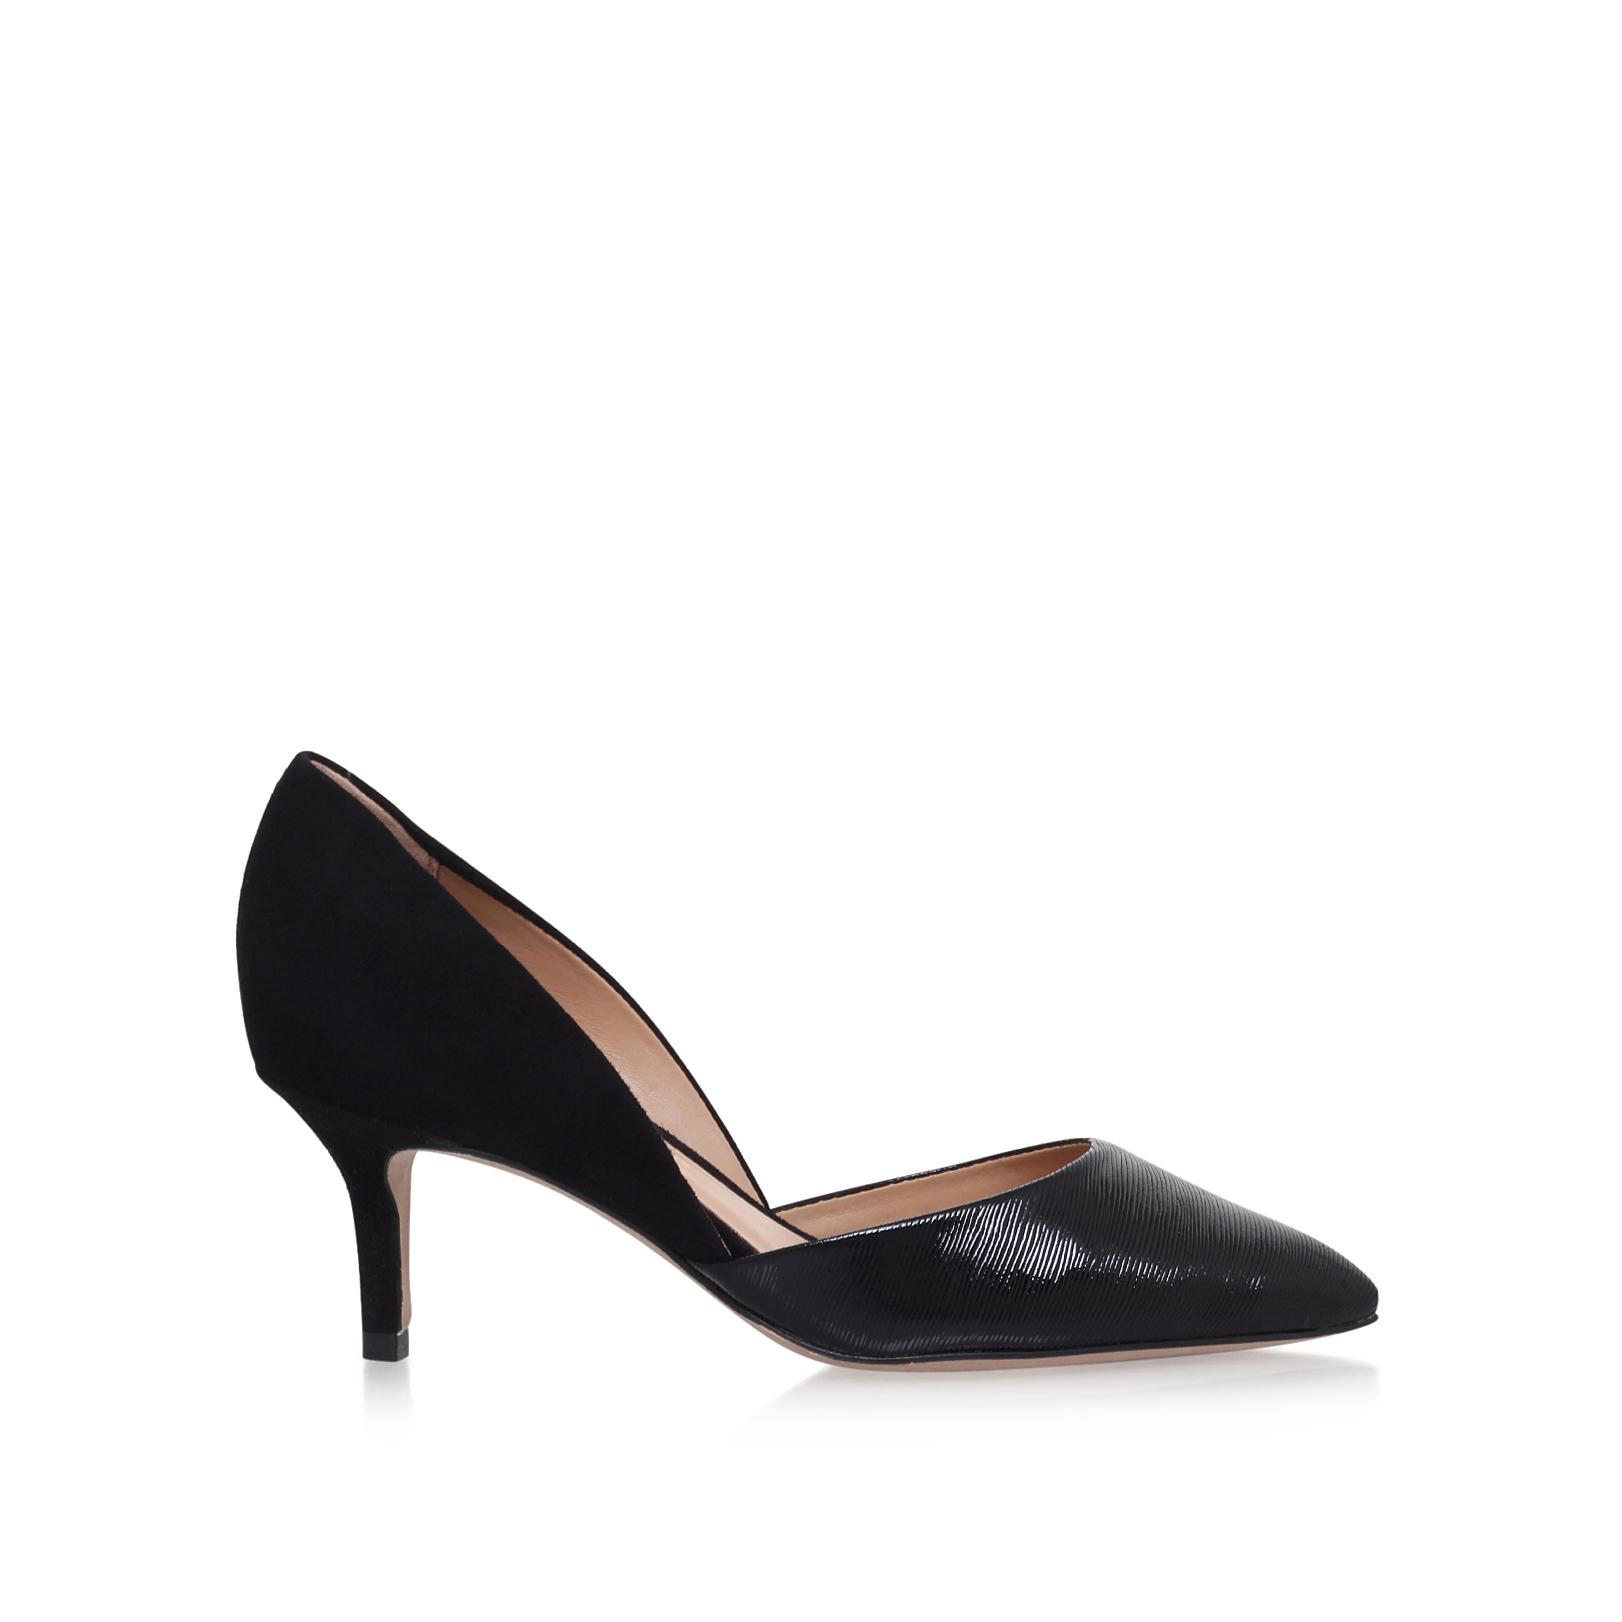 Kurt Geiger London Talli Court Shoes